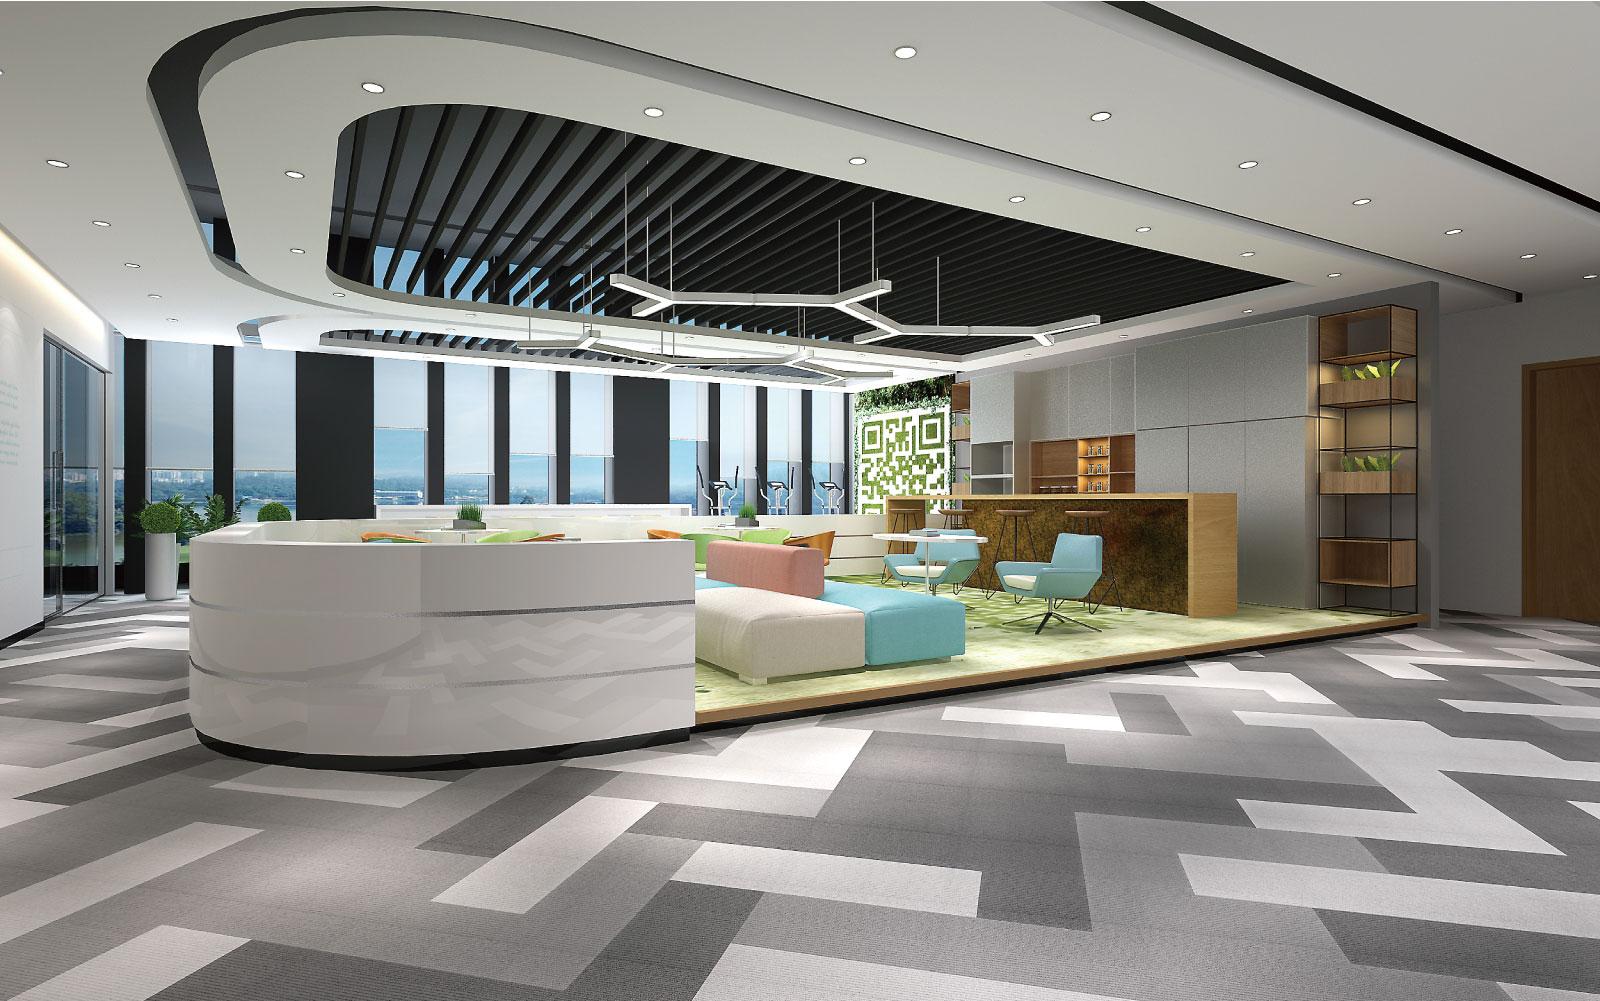 杭州vi设计分享:酒店vi设计对整体形象的提升